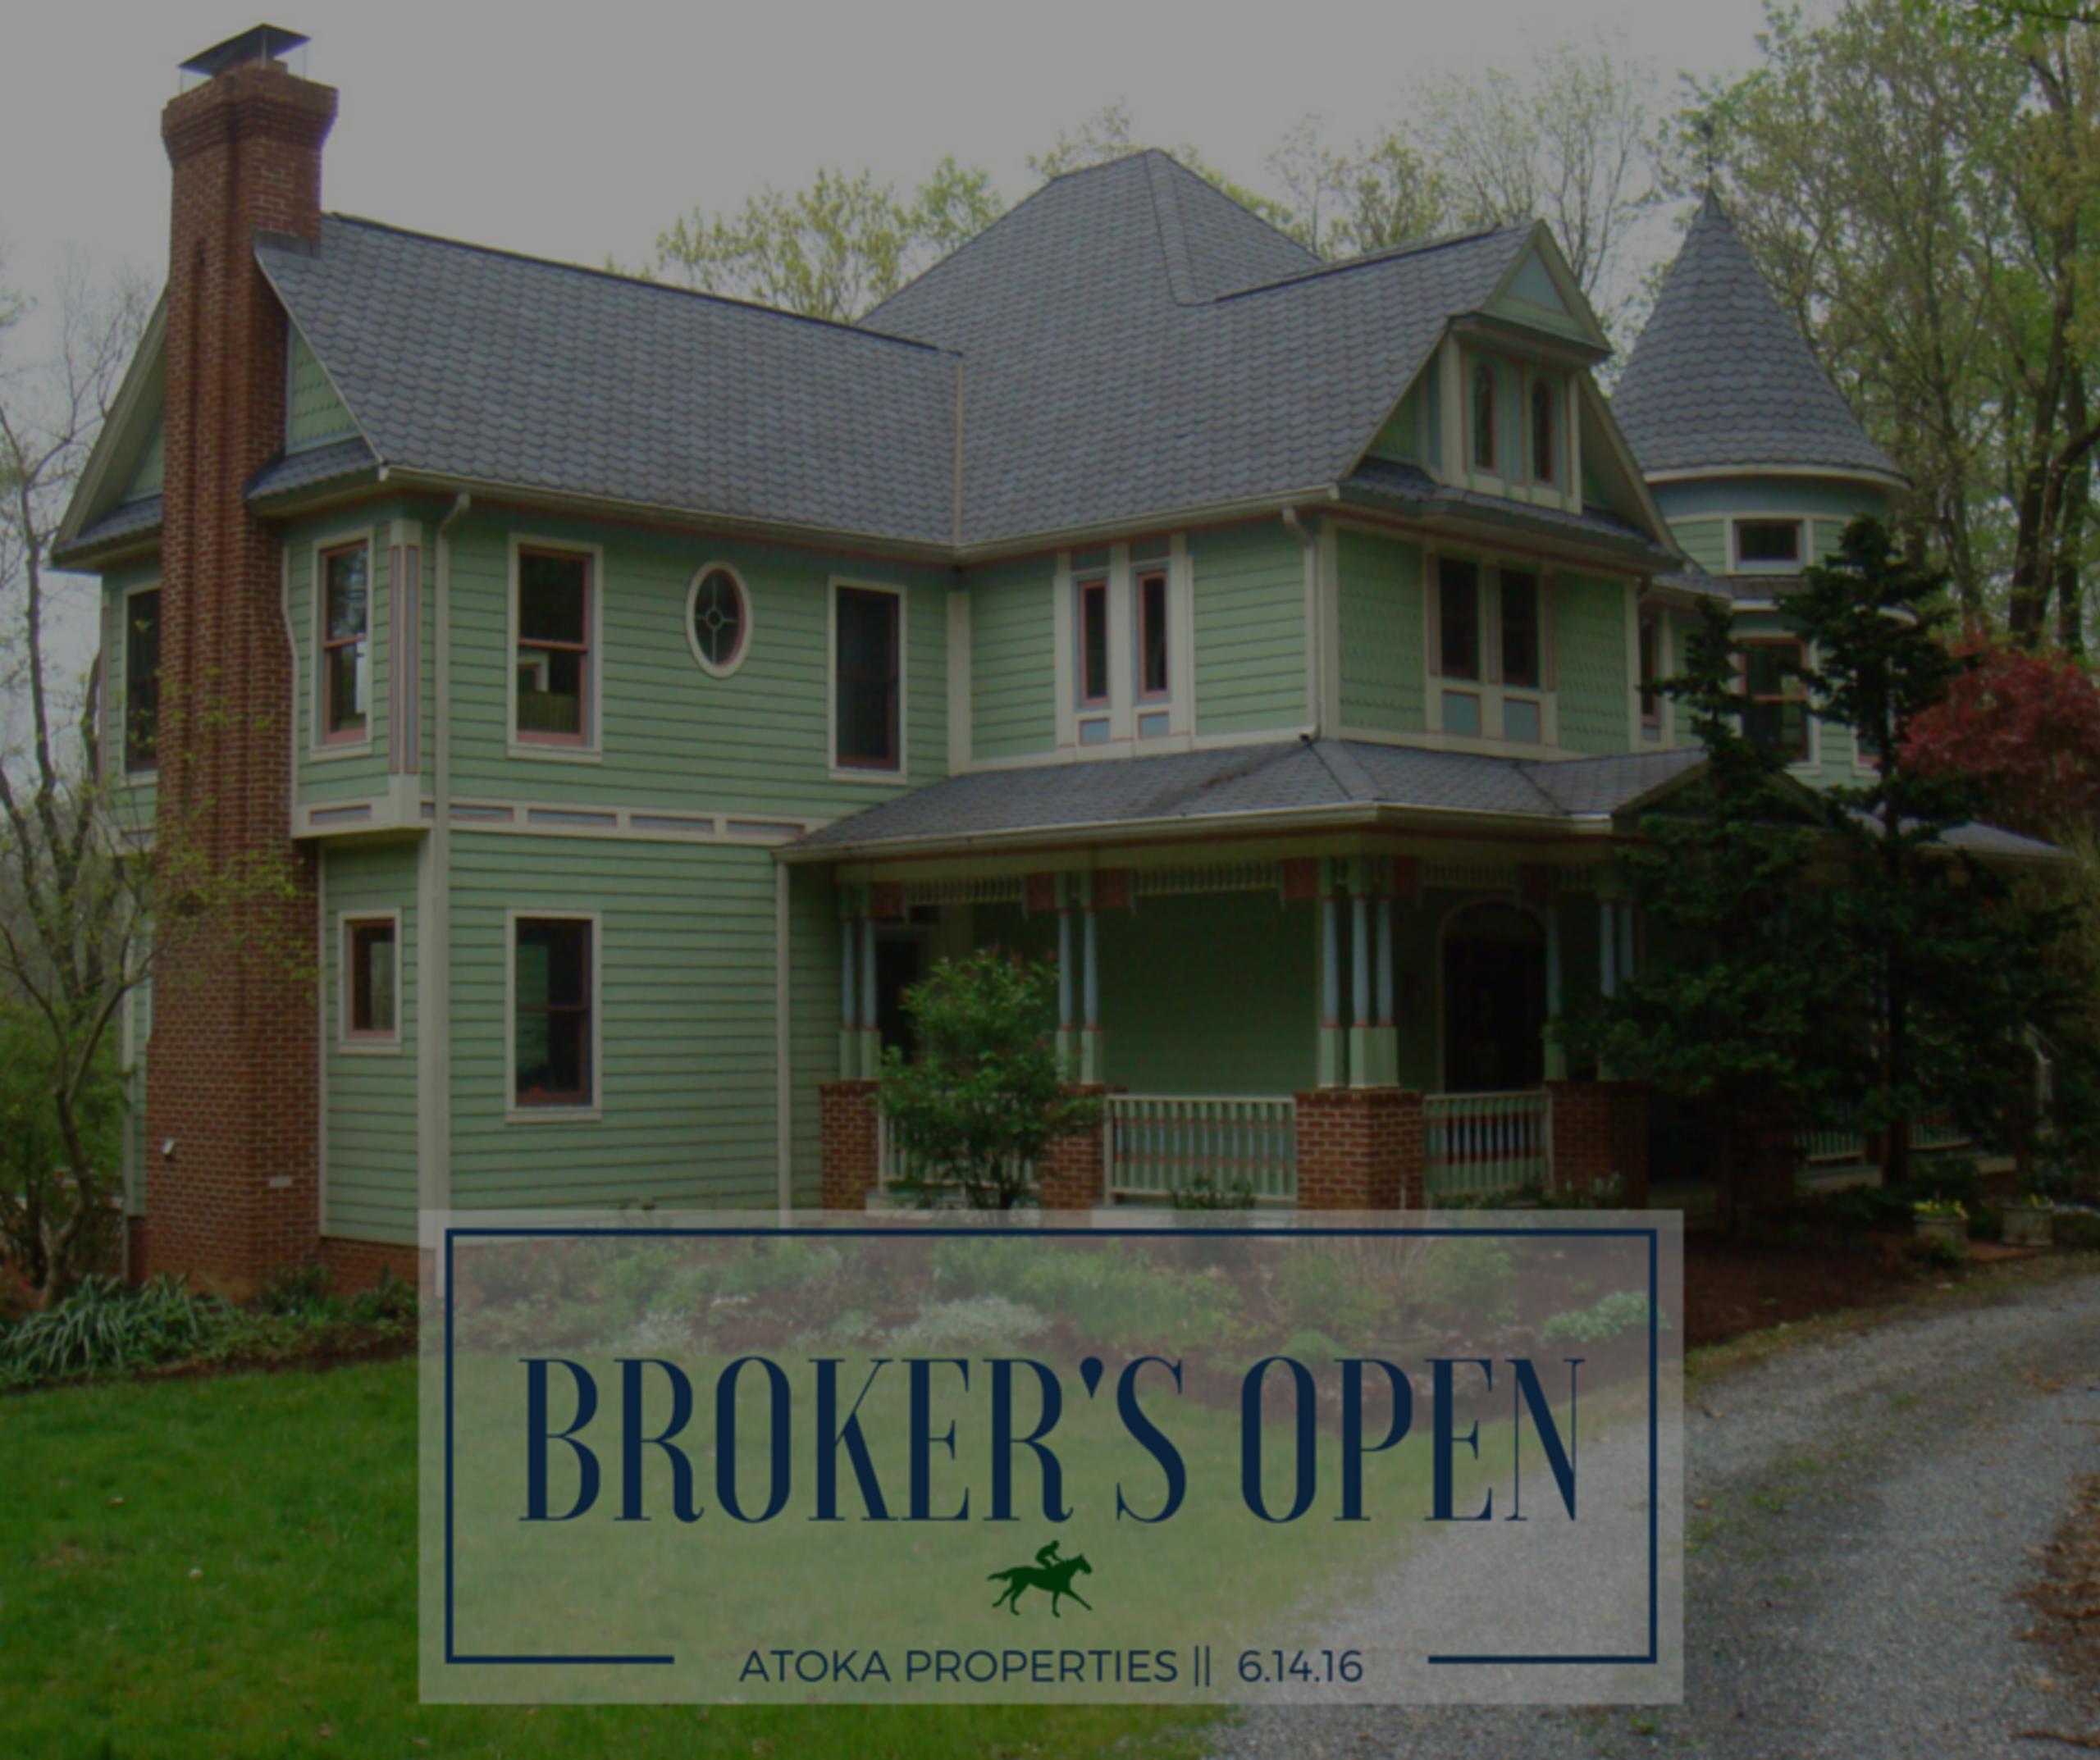 Broker's Open | 6.14.16